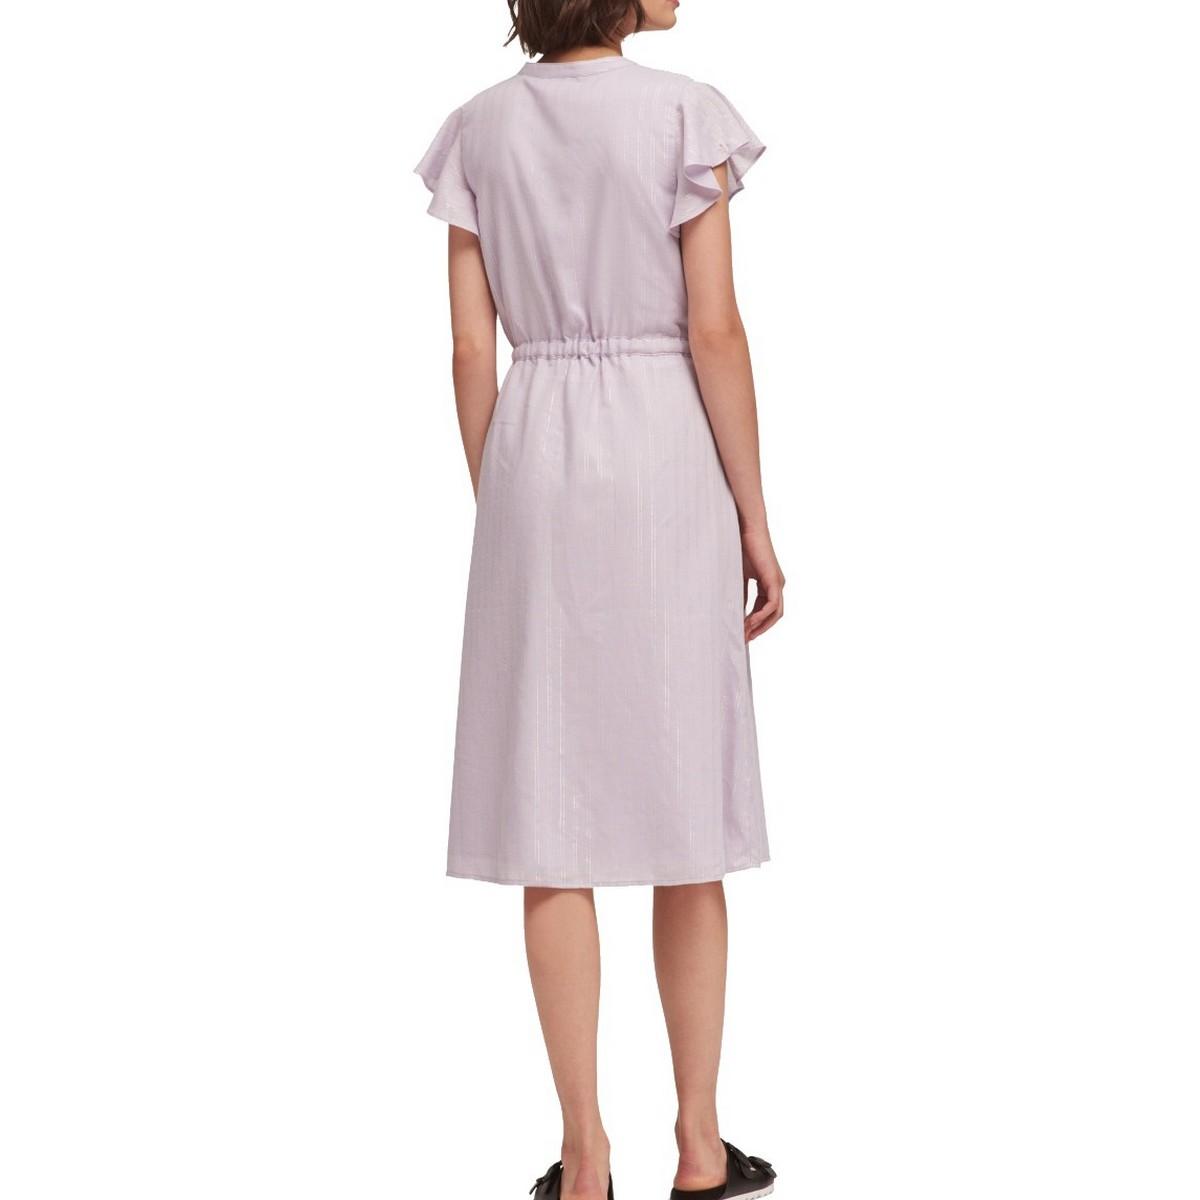 DKNY-NEW-Women-039-s-Shimmer-Stripe-Flutter-sleeve-Drawstring-Waist-Dress-TEDO thumbnail 6